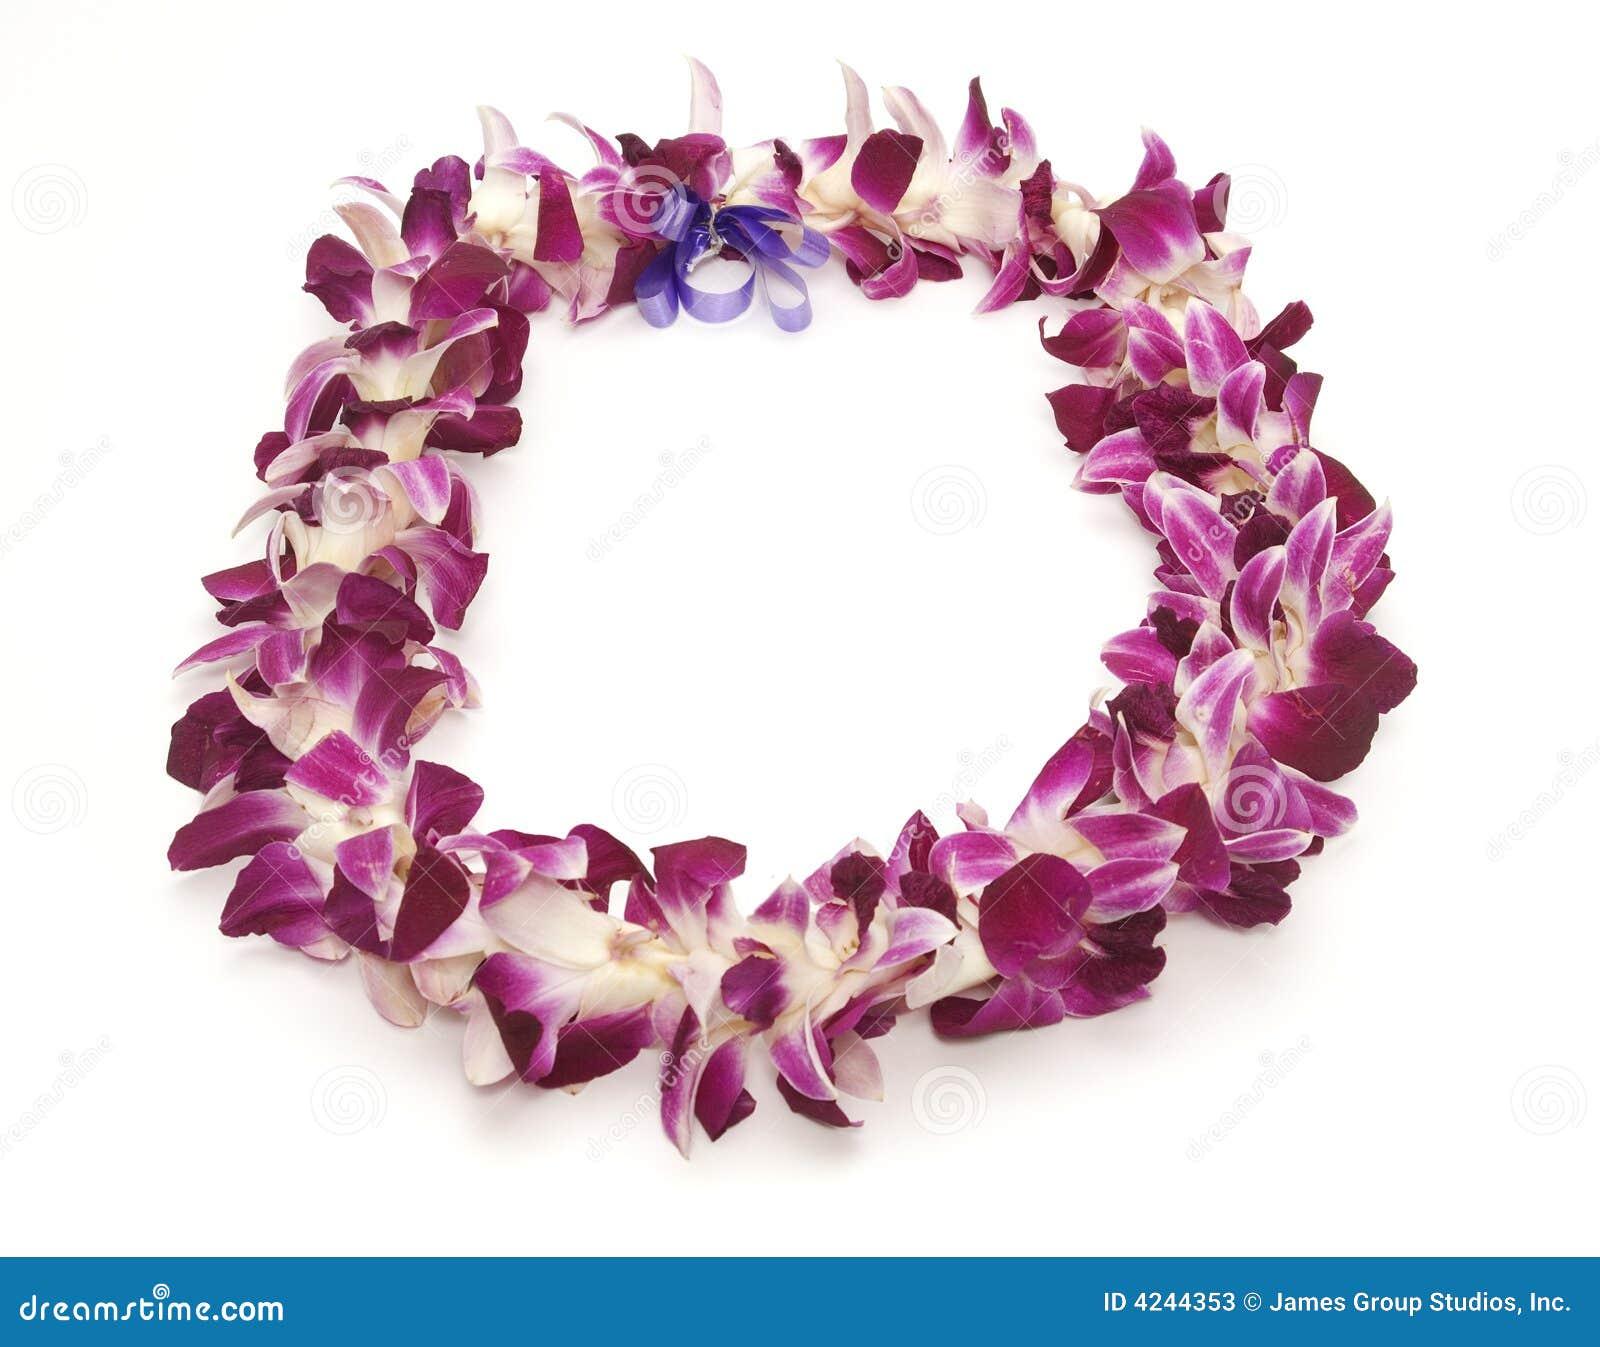 Hawaiian lei stock image image of garland flower hawaiian 4244353 hawaiian lei izmirmasajfo